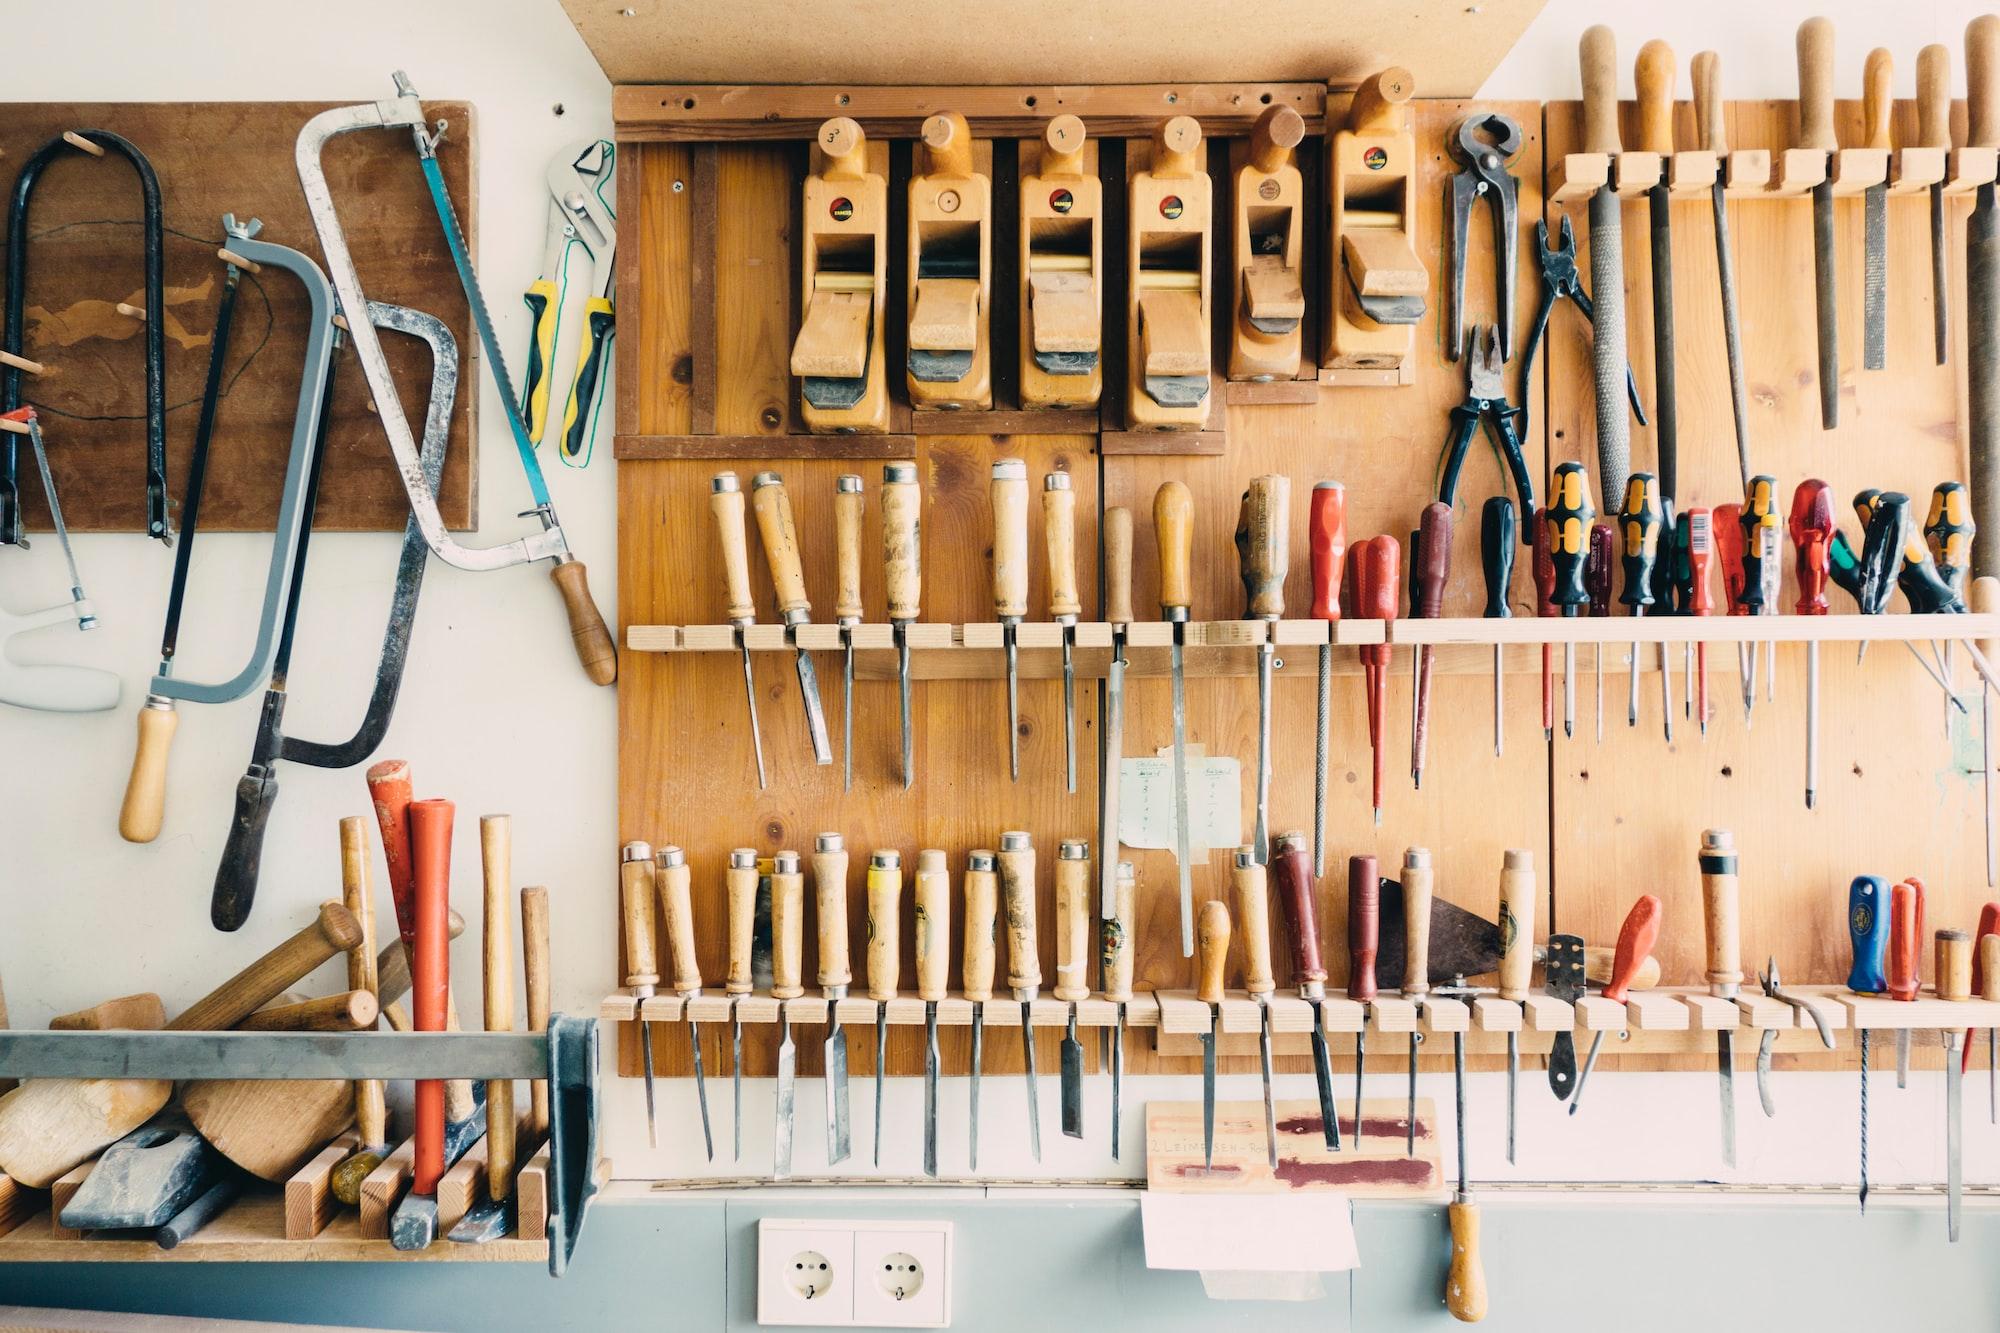 Le problème avec les listes d'outils   🛠